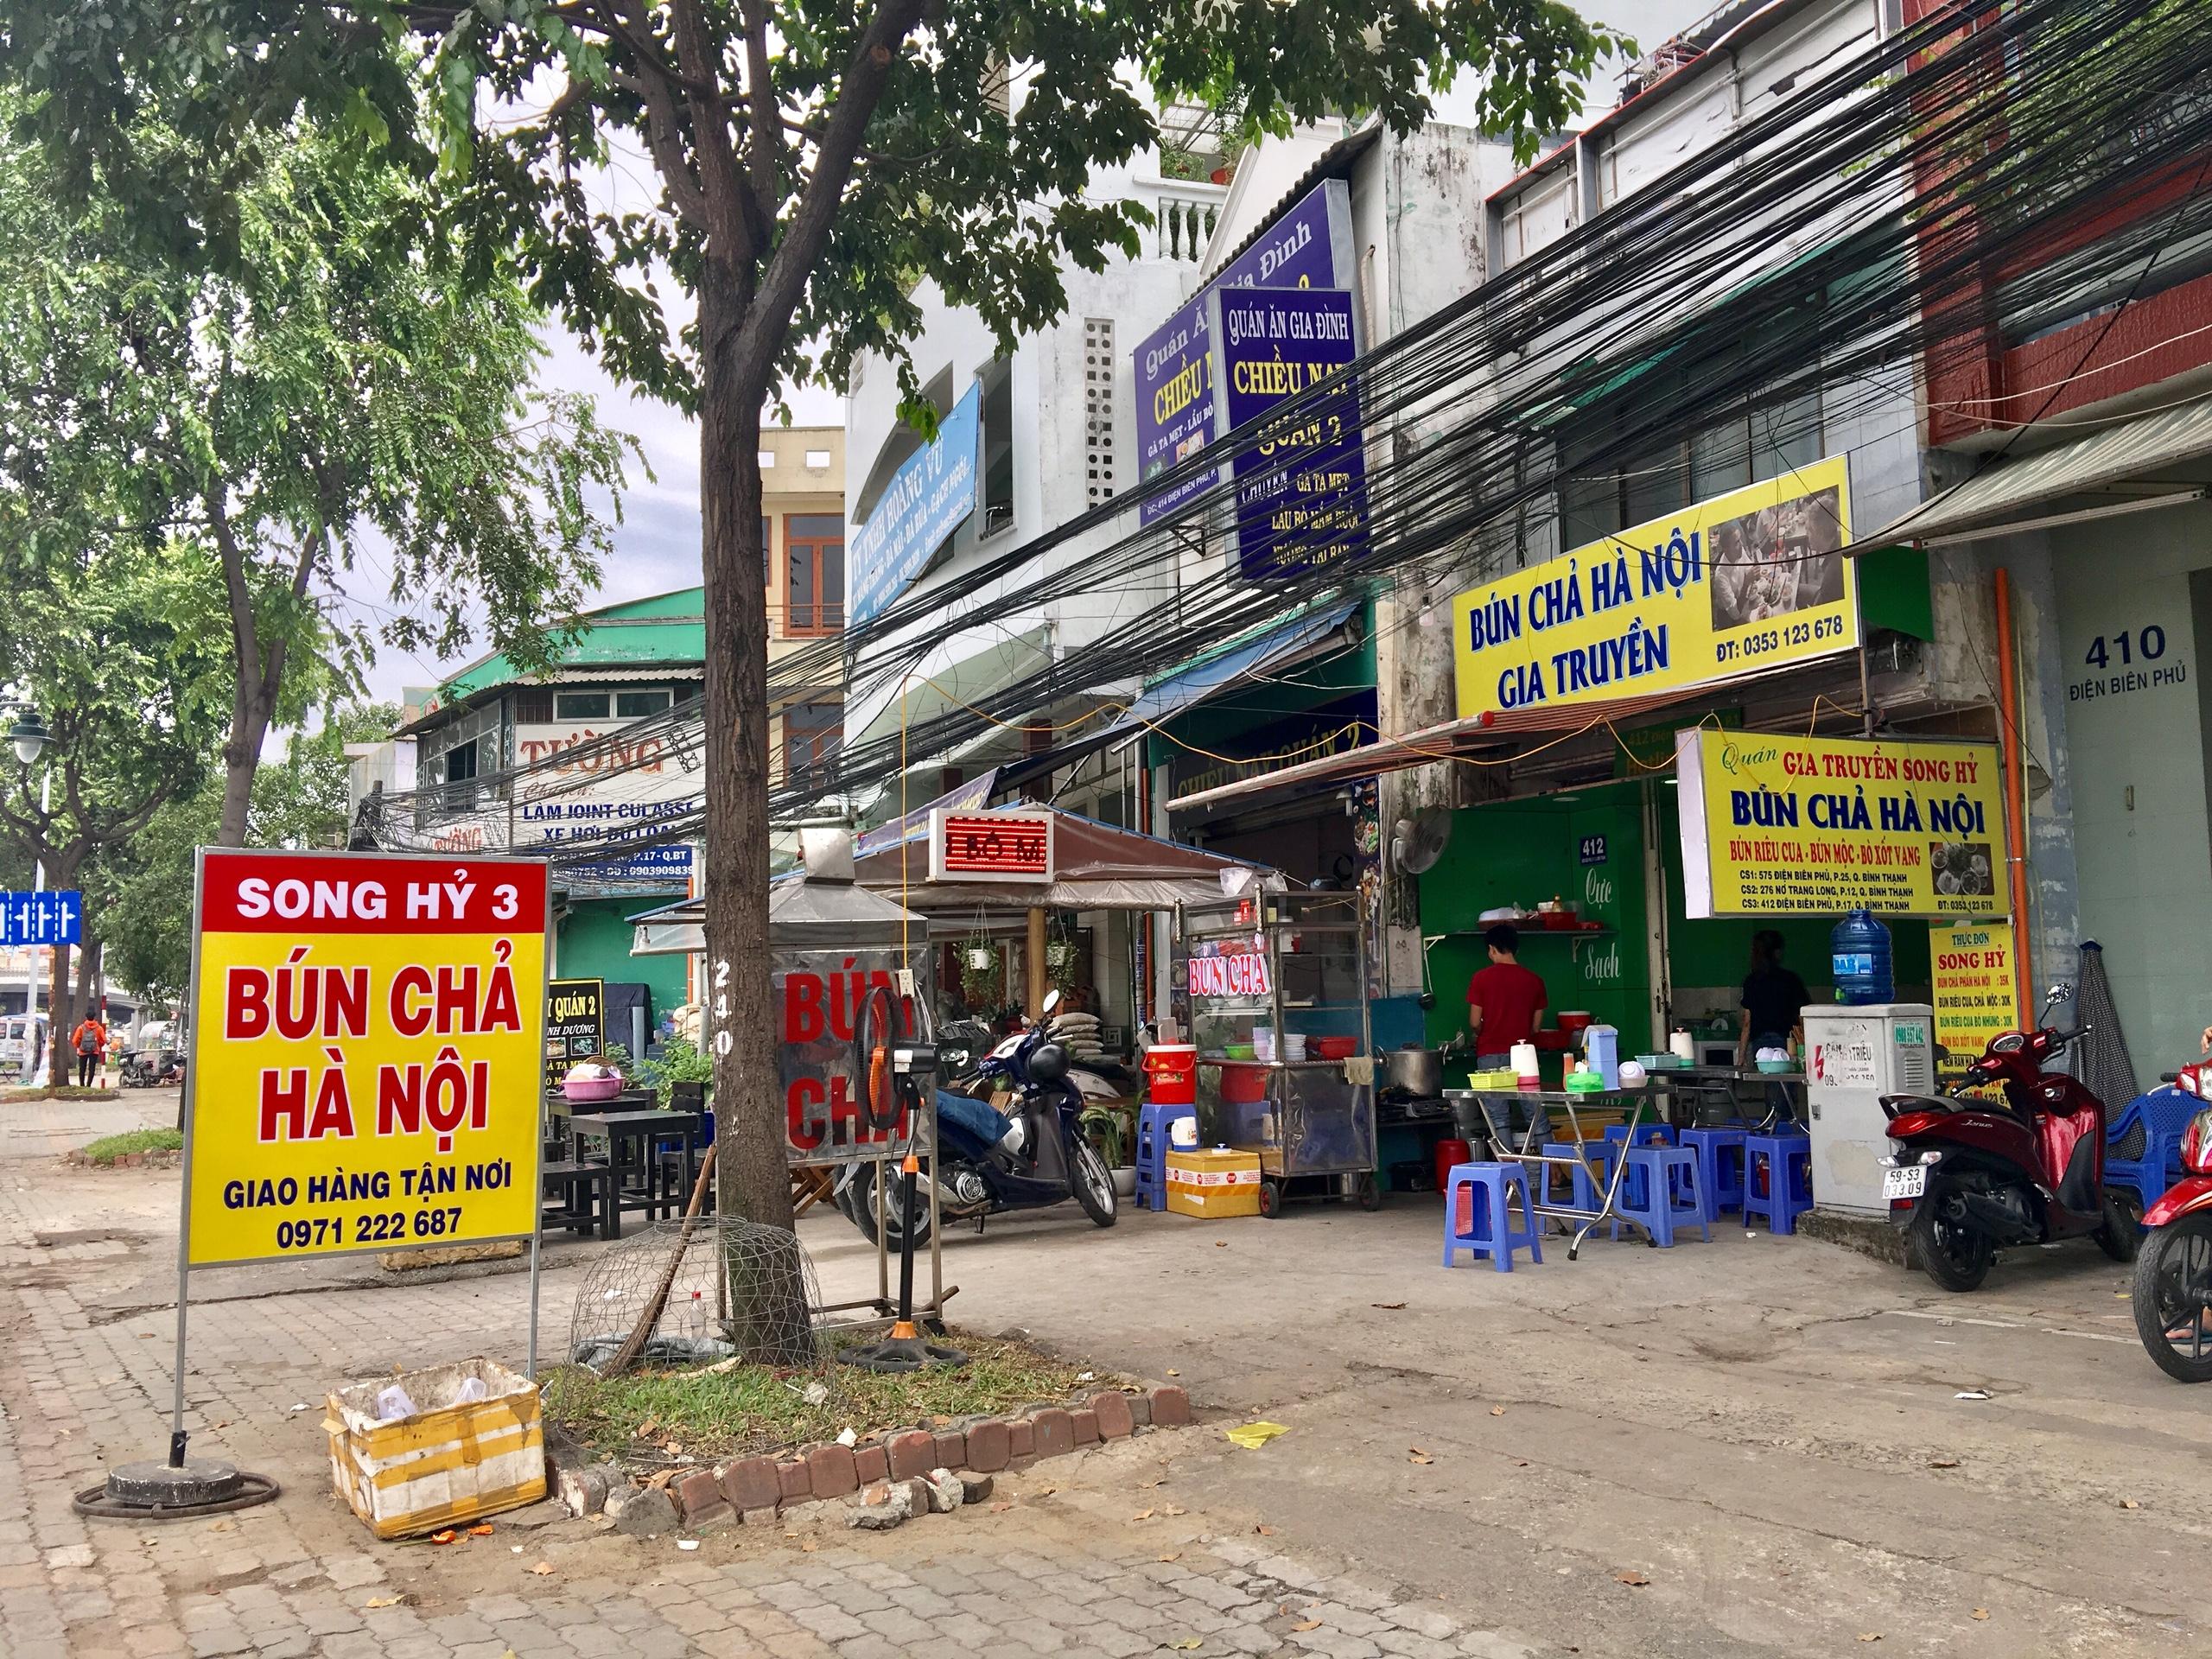 Quán ăn, ẩm thực: Quán Bún Chả Ngon Quận Bình Thạnh 15445761600